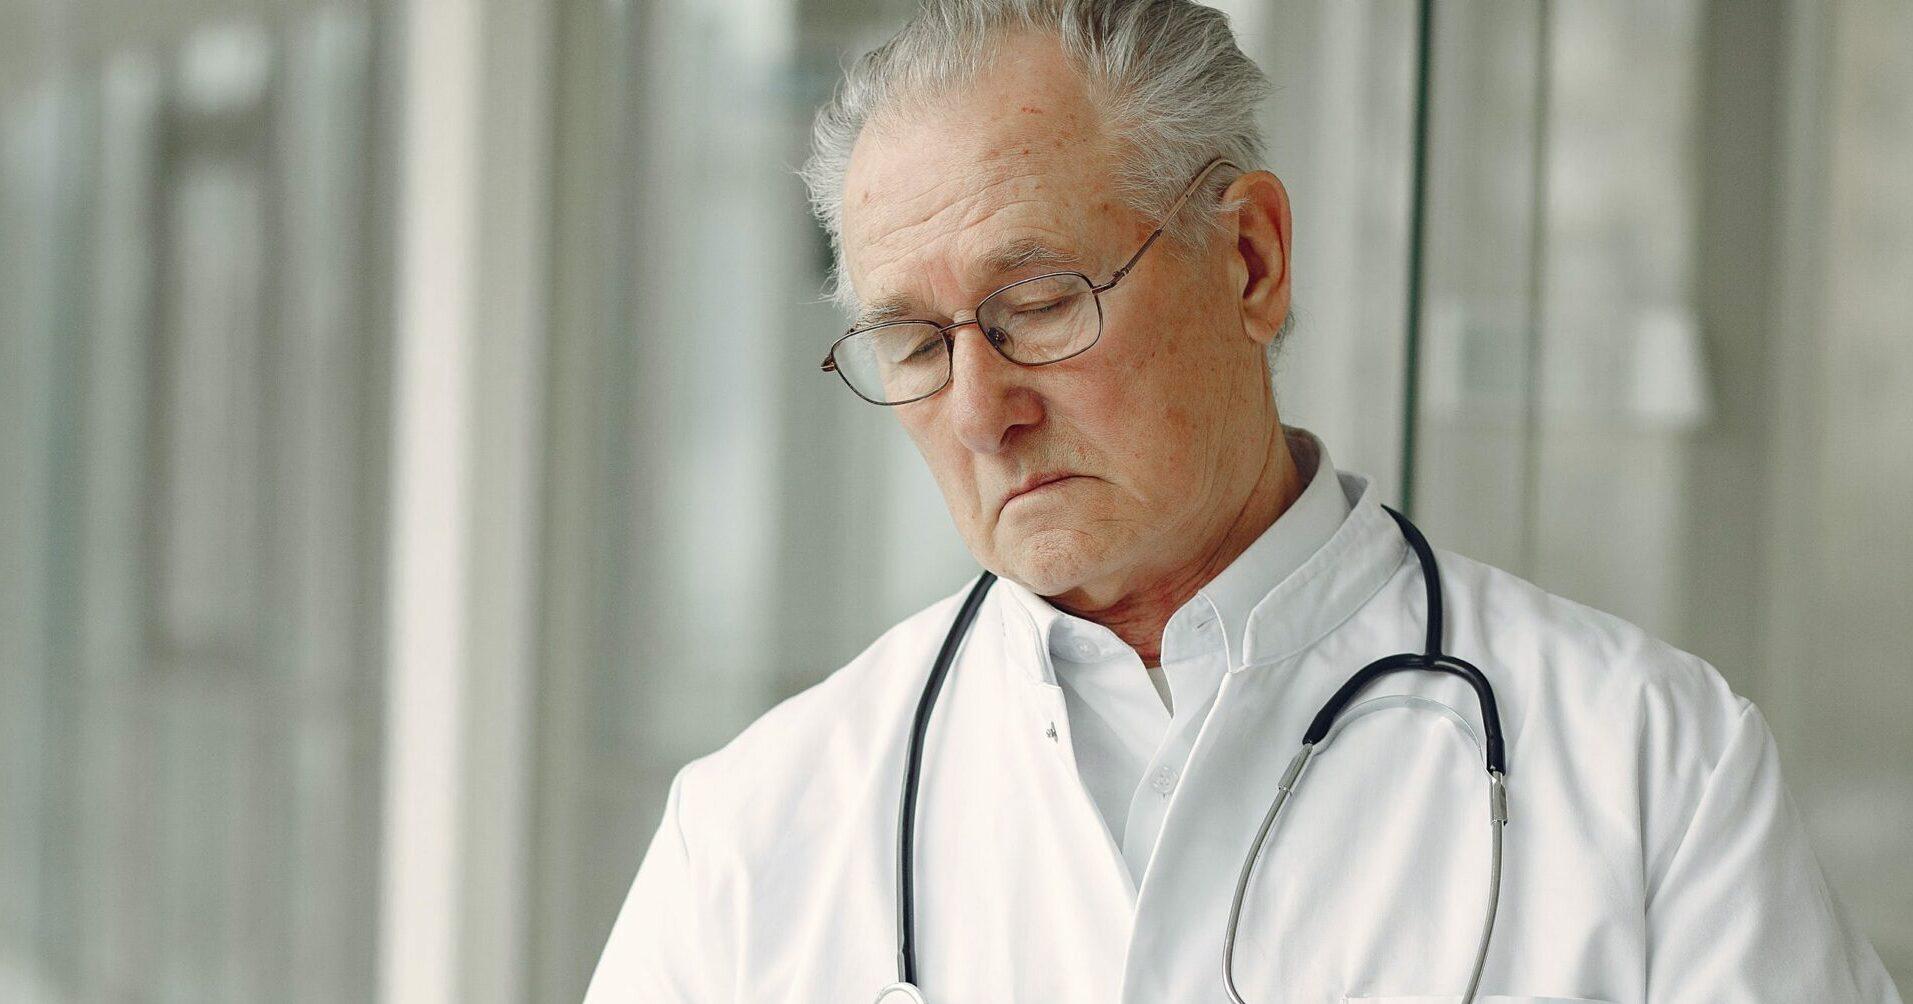 Frågorna du måste ställa när du träffar din läkare!